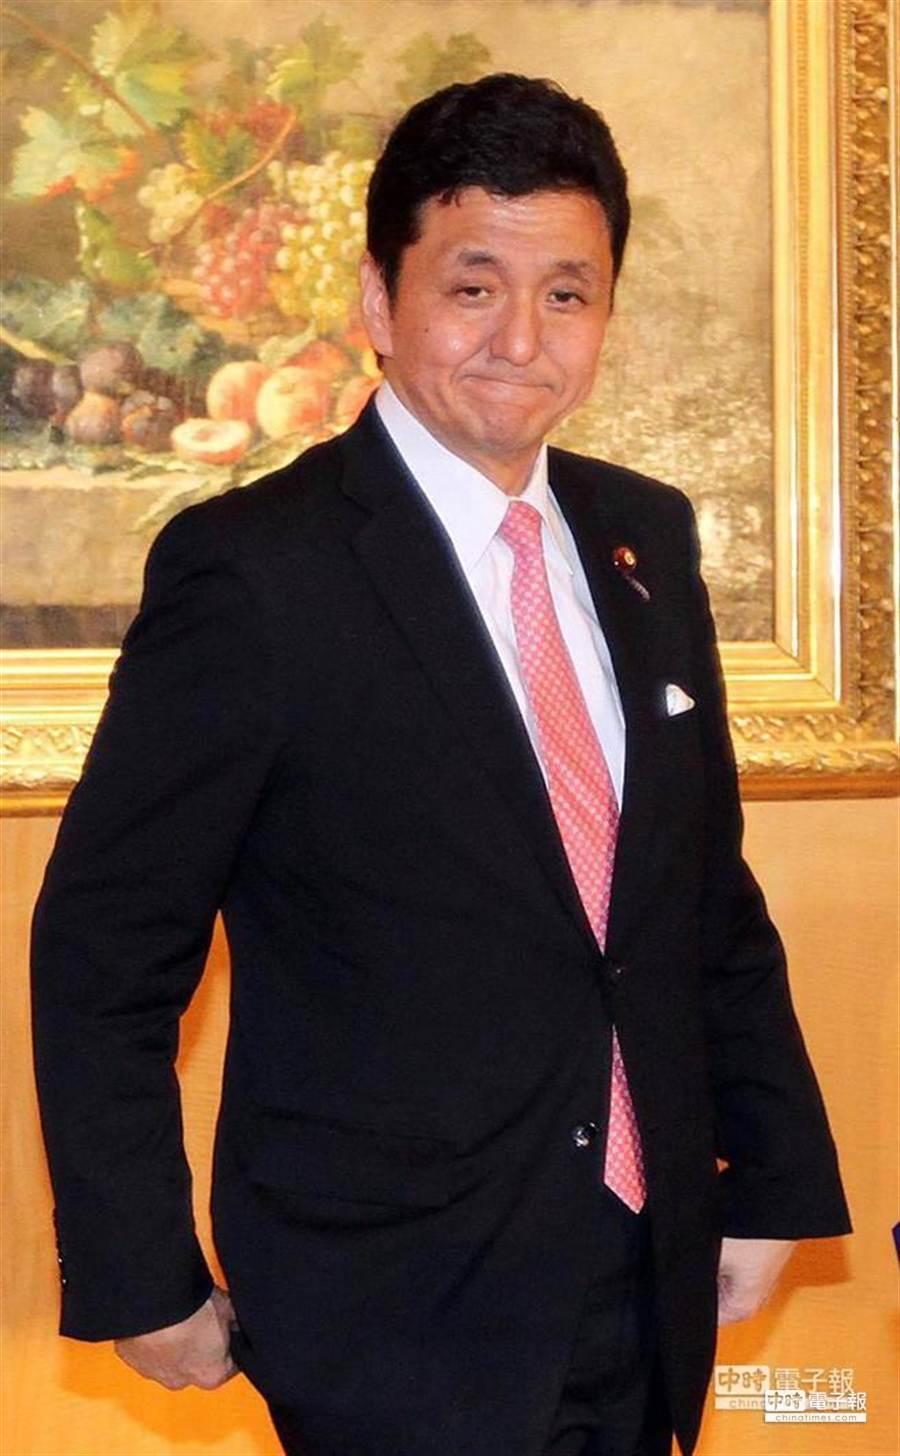 日本眾議員岸信夫。(圖/趙雙傑)